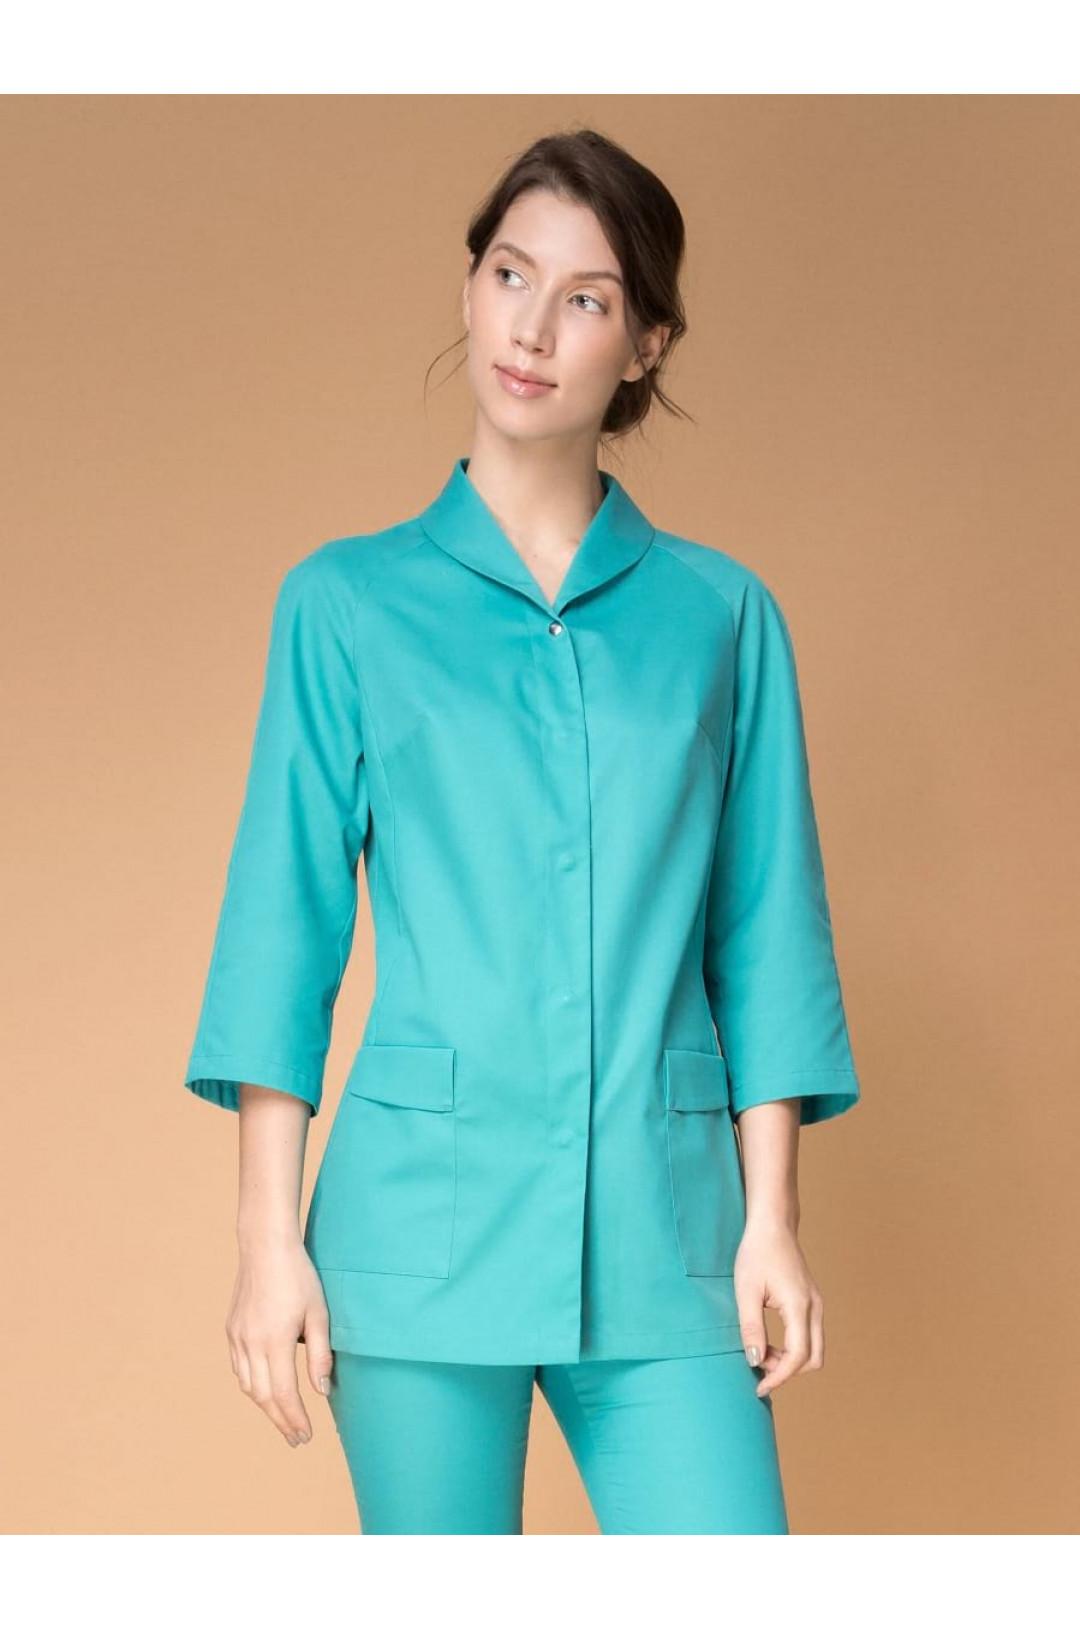 Блузка медицинская женская 8-1188 (бирюза, экстрафлекс)